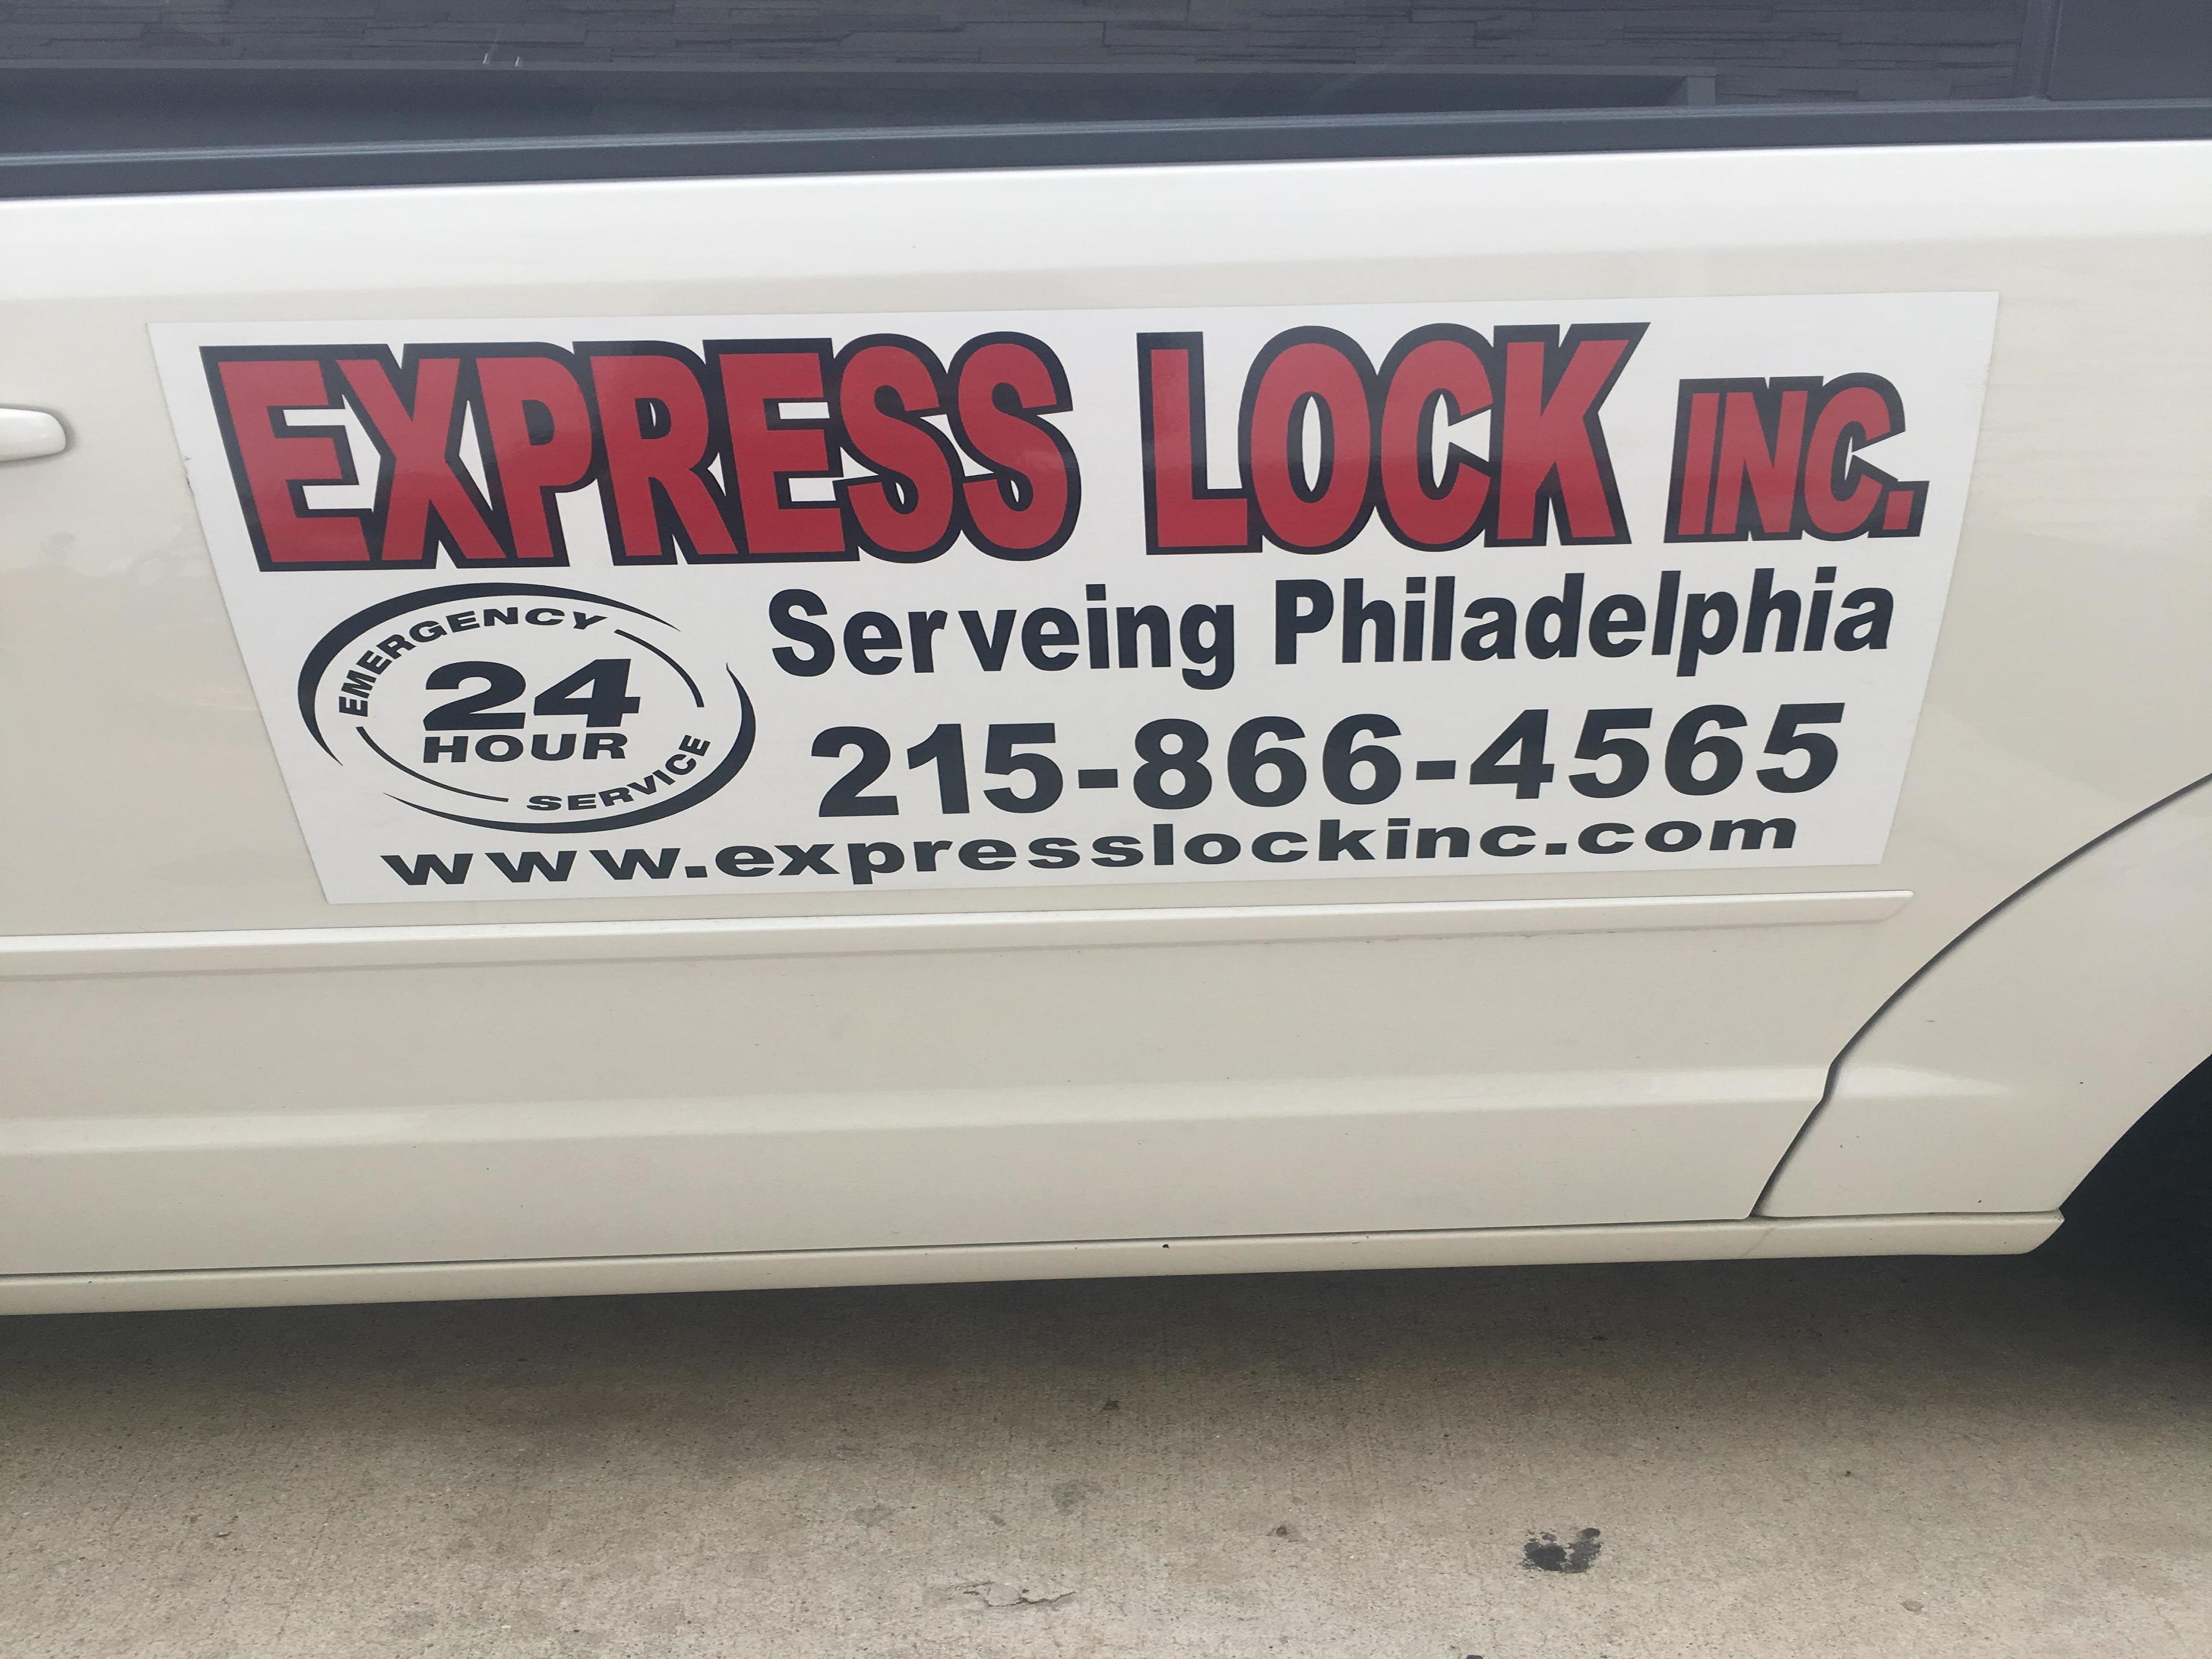 Express lock inc image 2